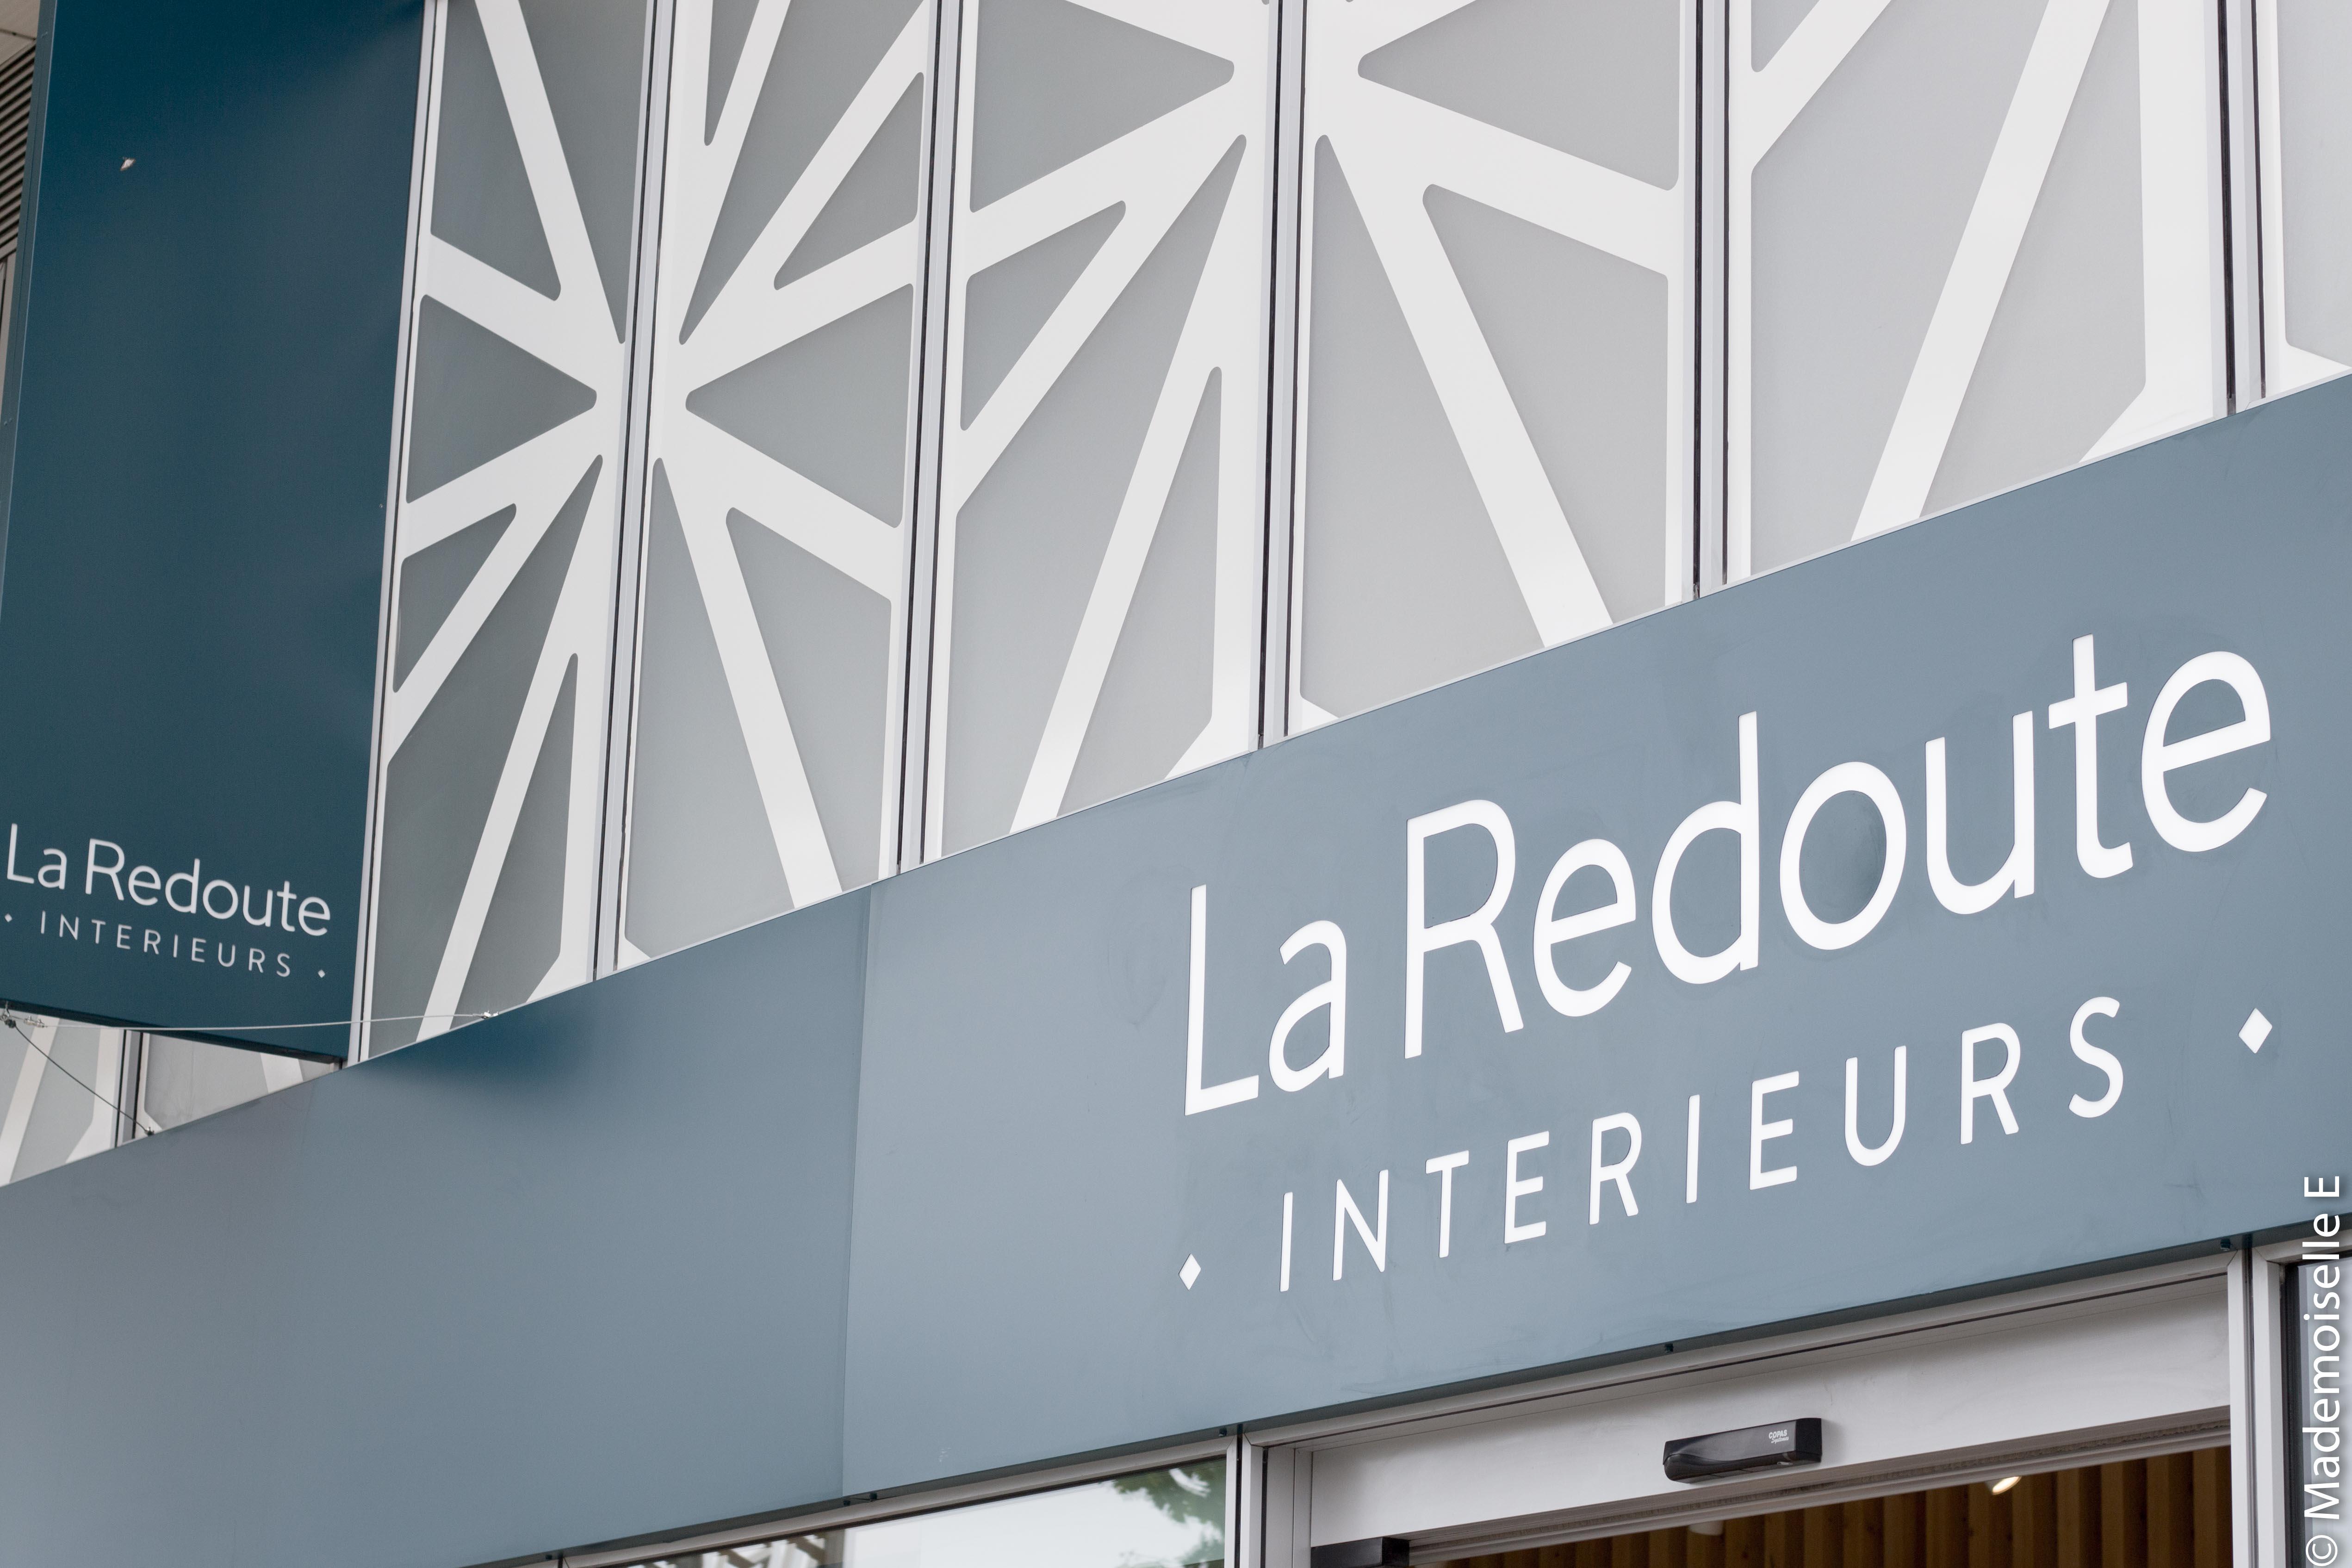 La Redoute Intérieur arrive à Montpellier 9 mademoiselle-e